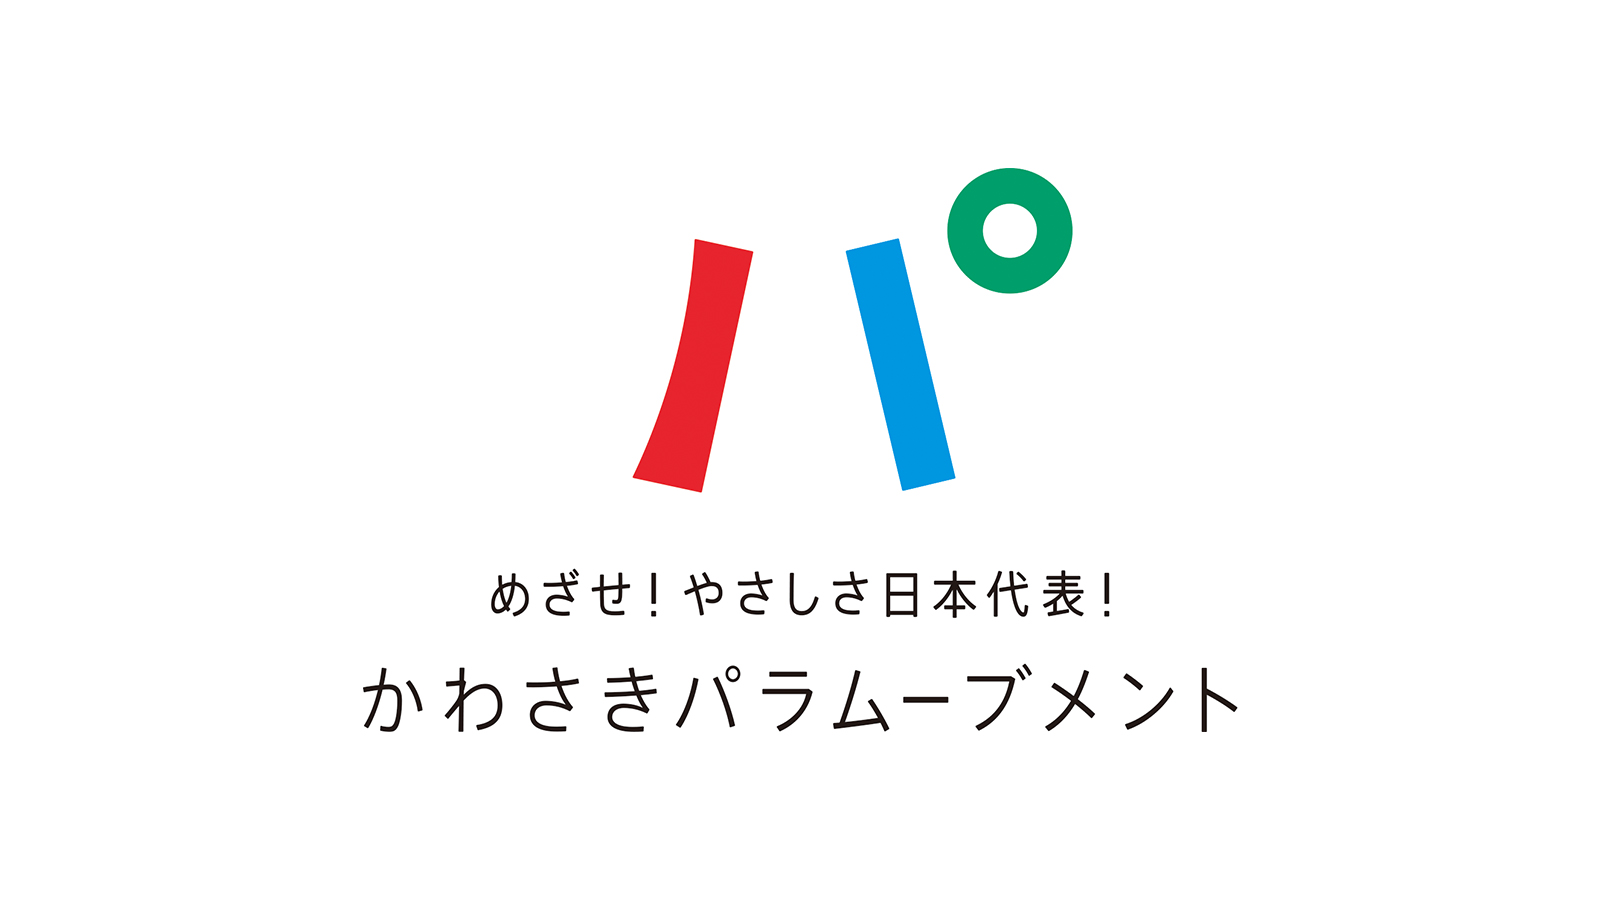 かわさきパラムーブメントのロゴ